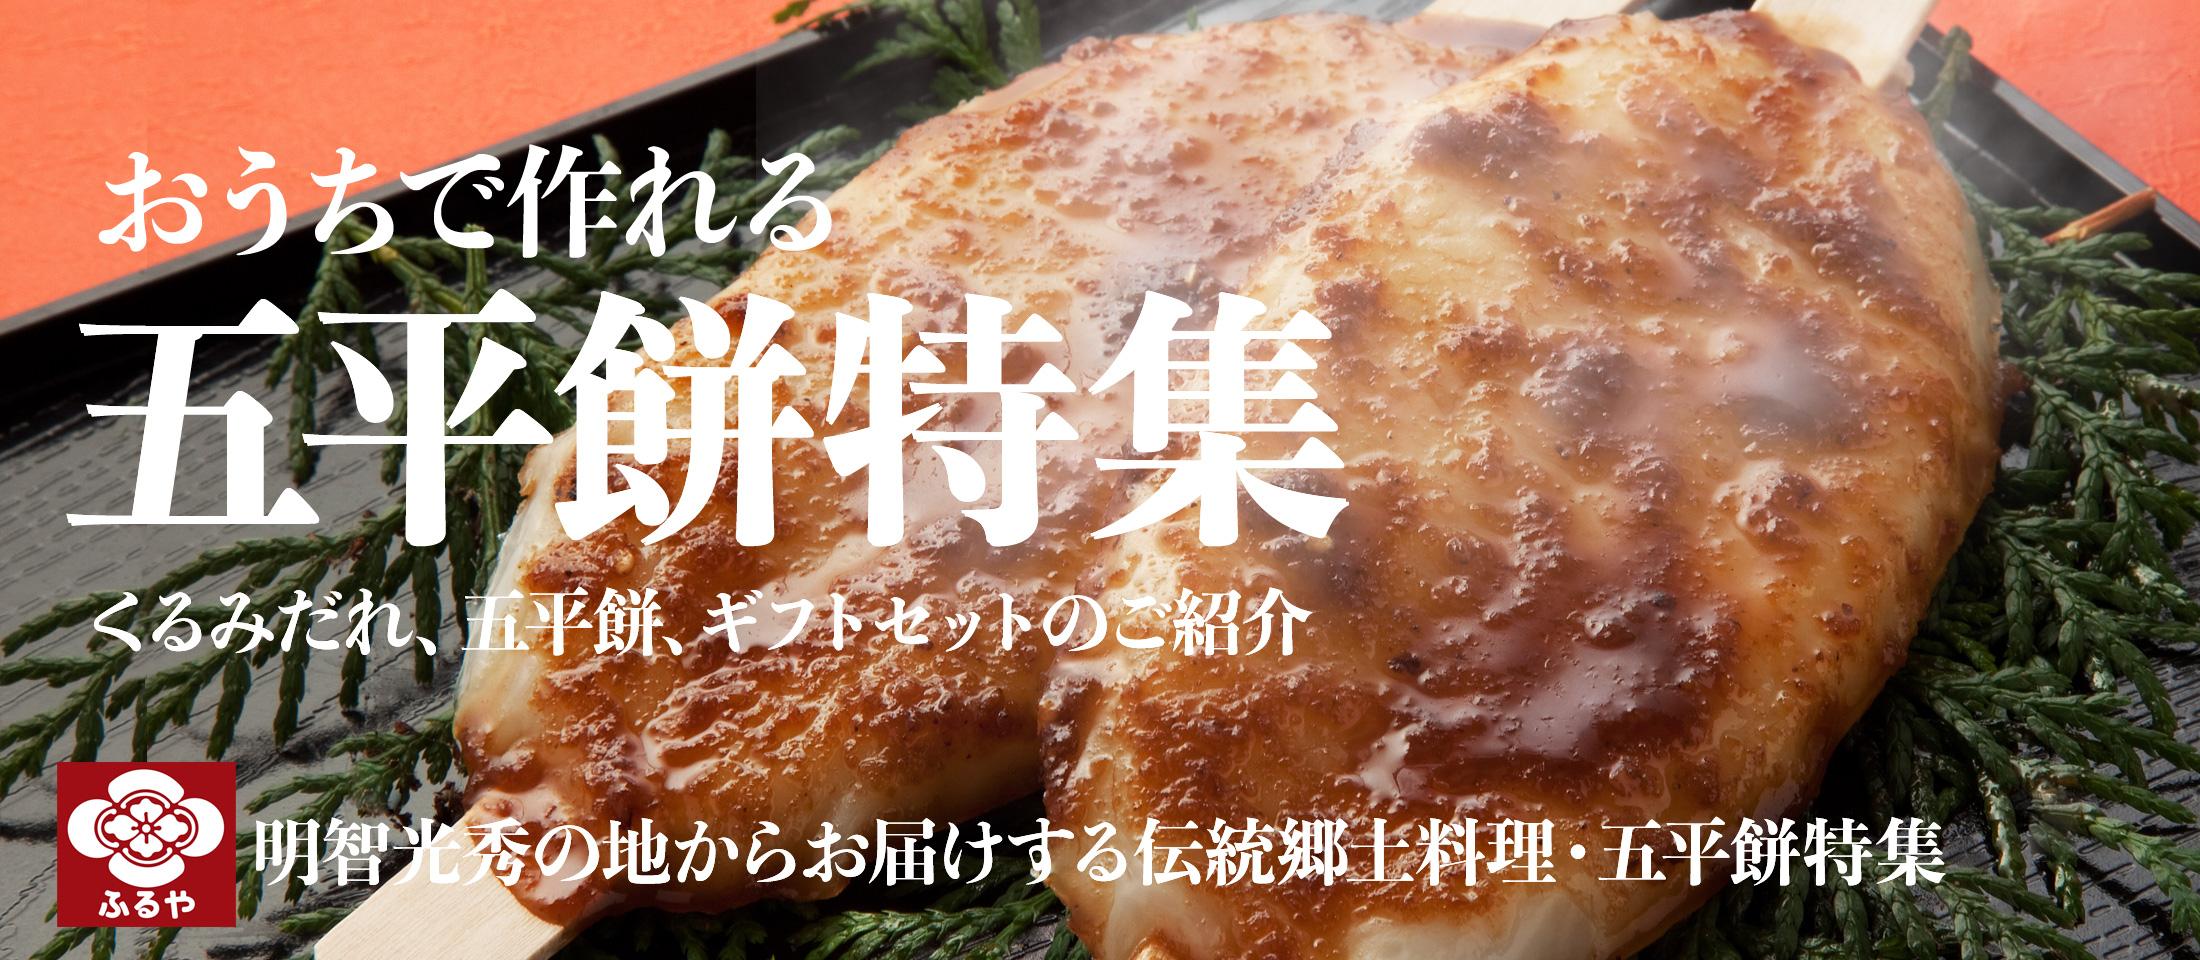 おうちで作れるお手軽五平餅特集 明智光秀の地からお届けする伝統郷土料理 業務用食品・冷凍食品の通販 |ナカヤマフーズ